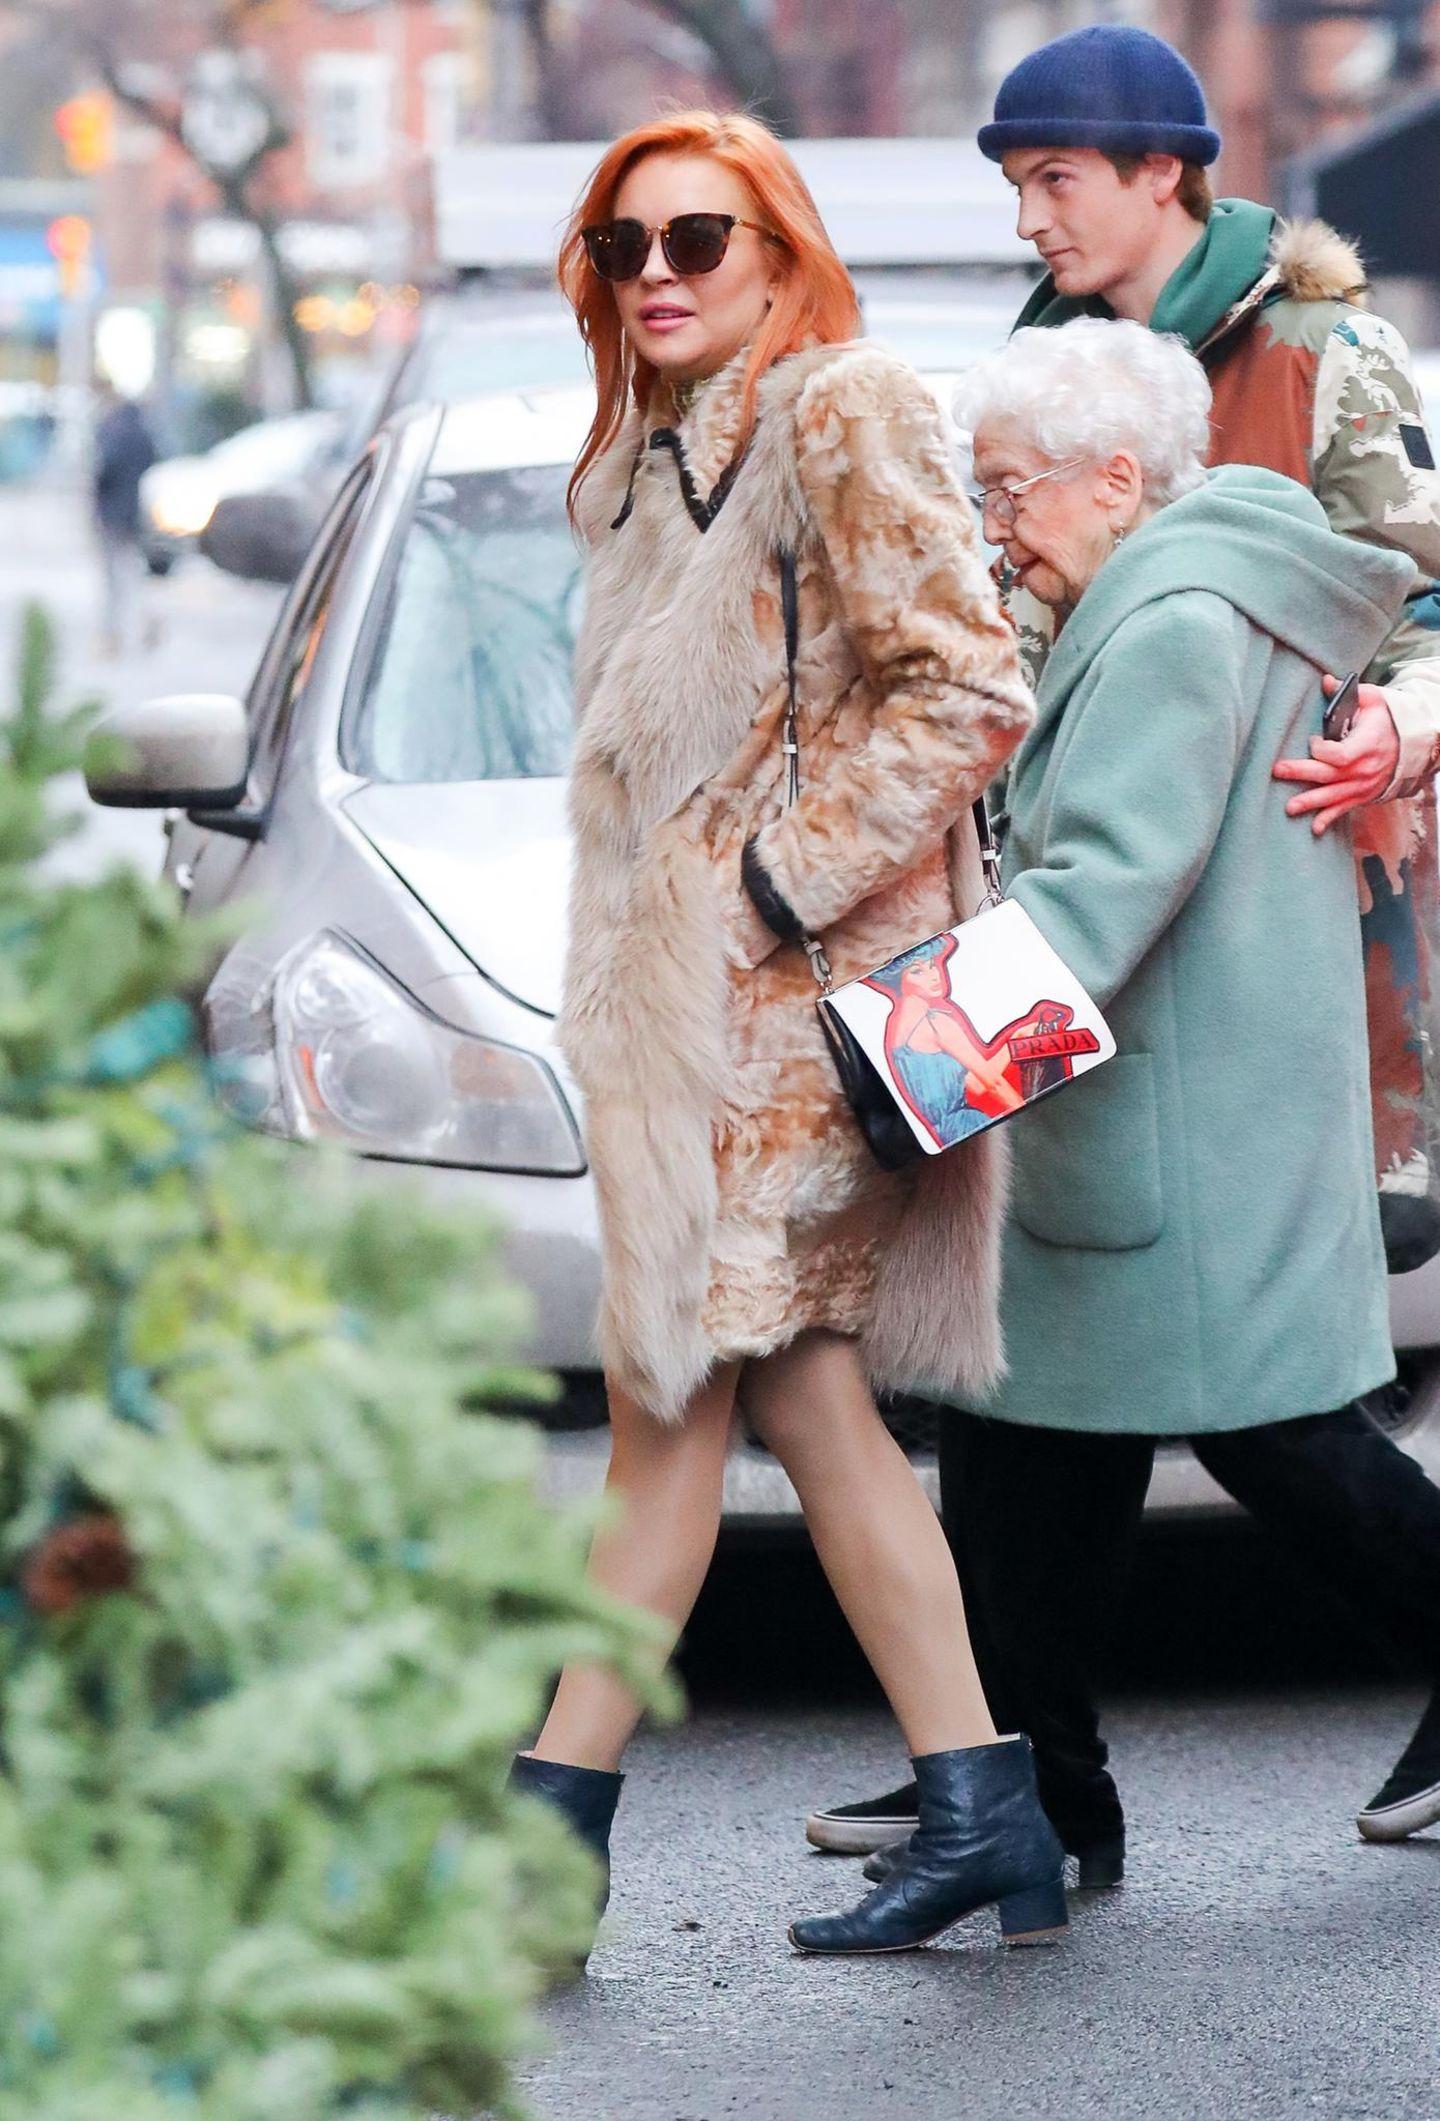 12. Januar 2018  Lindsay Lohan ist mit ihrer Großmutter unterwegs in New York. Die rüstige Dame feiert ihren 94. Geburtstag. Alles Gute!